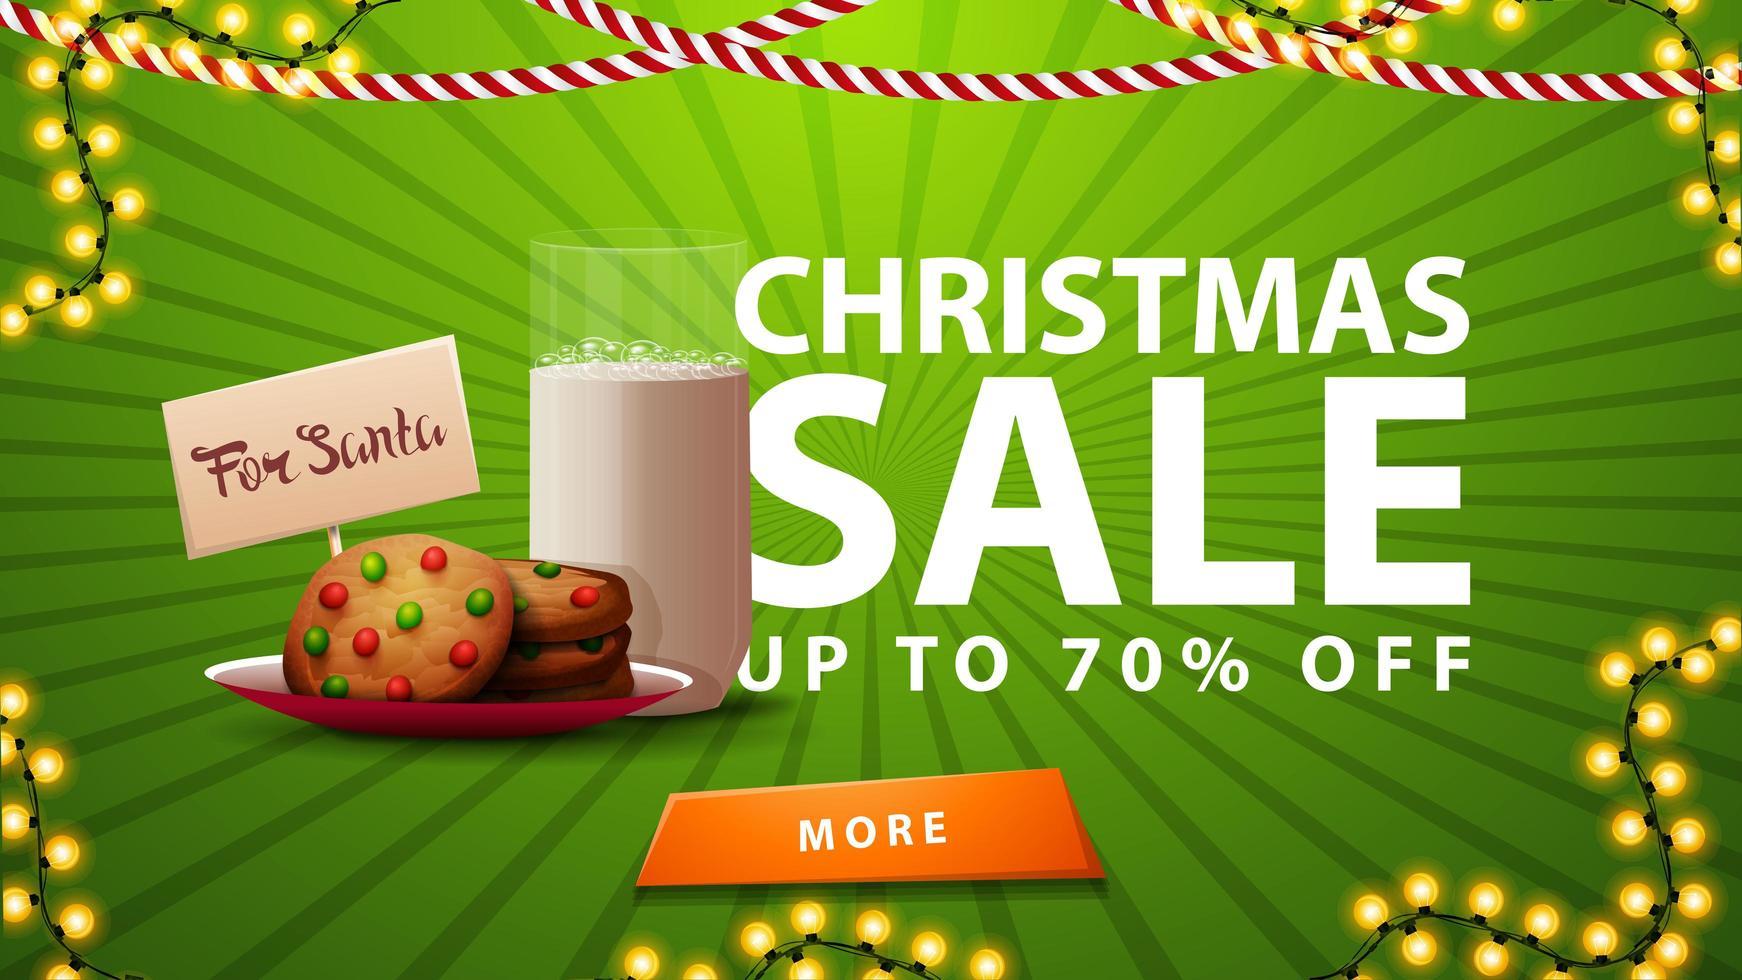 julförsäljning, upp till 70 rabatt, grön banner med krans, knapp och kakor med ett glas mjölk till jultomten vektor